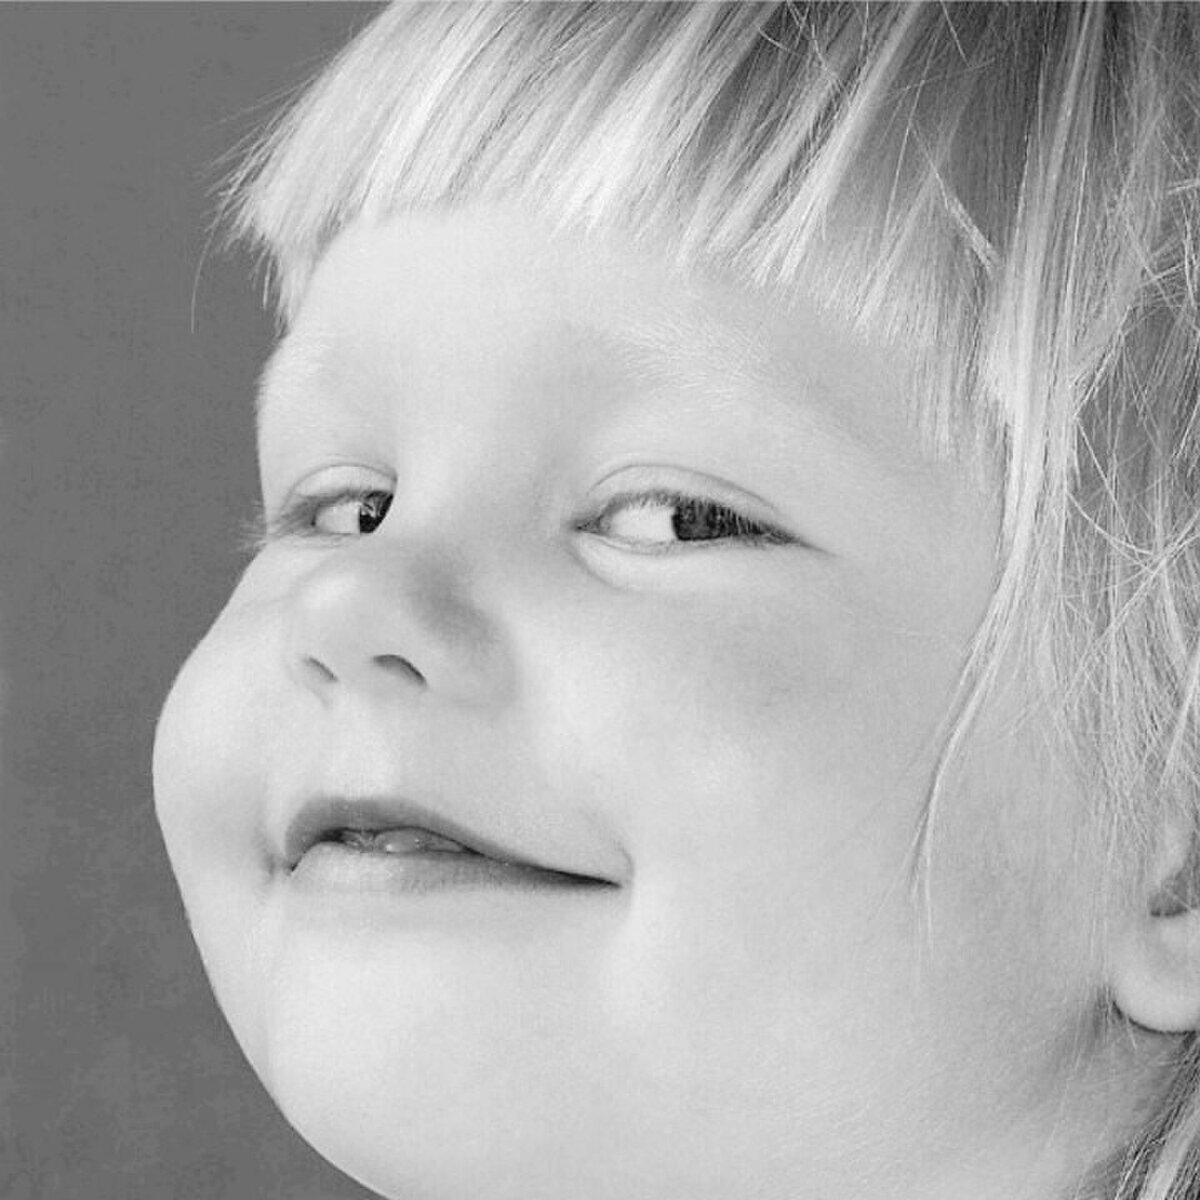 картинки ехидные улыбки пригородном